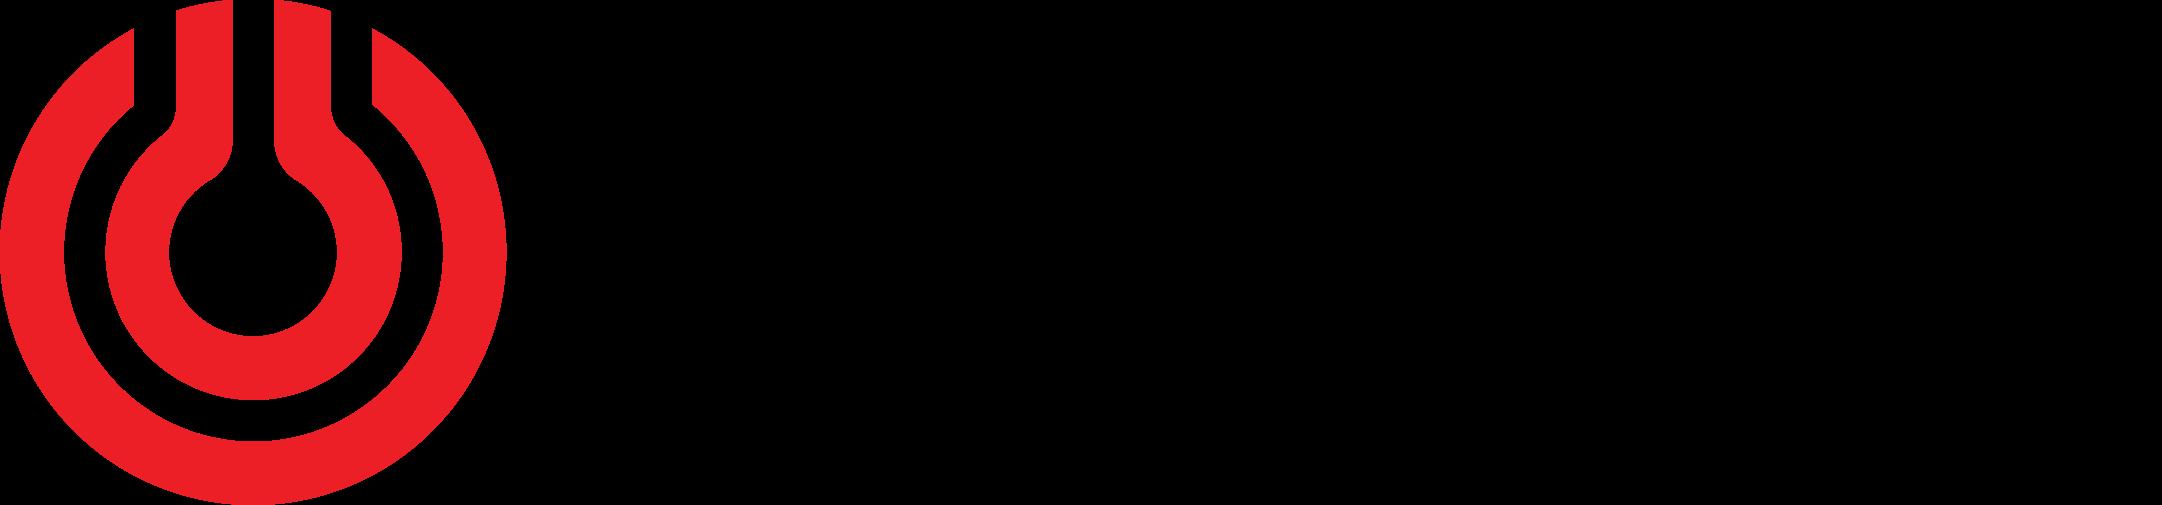 calor logo 1 - Calor Logo